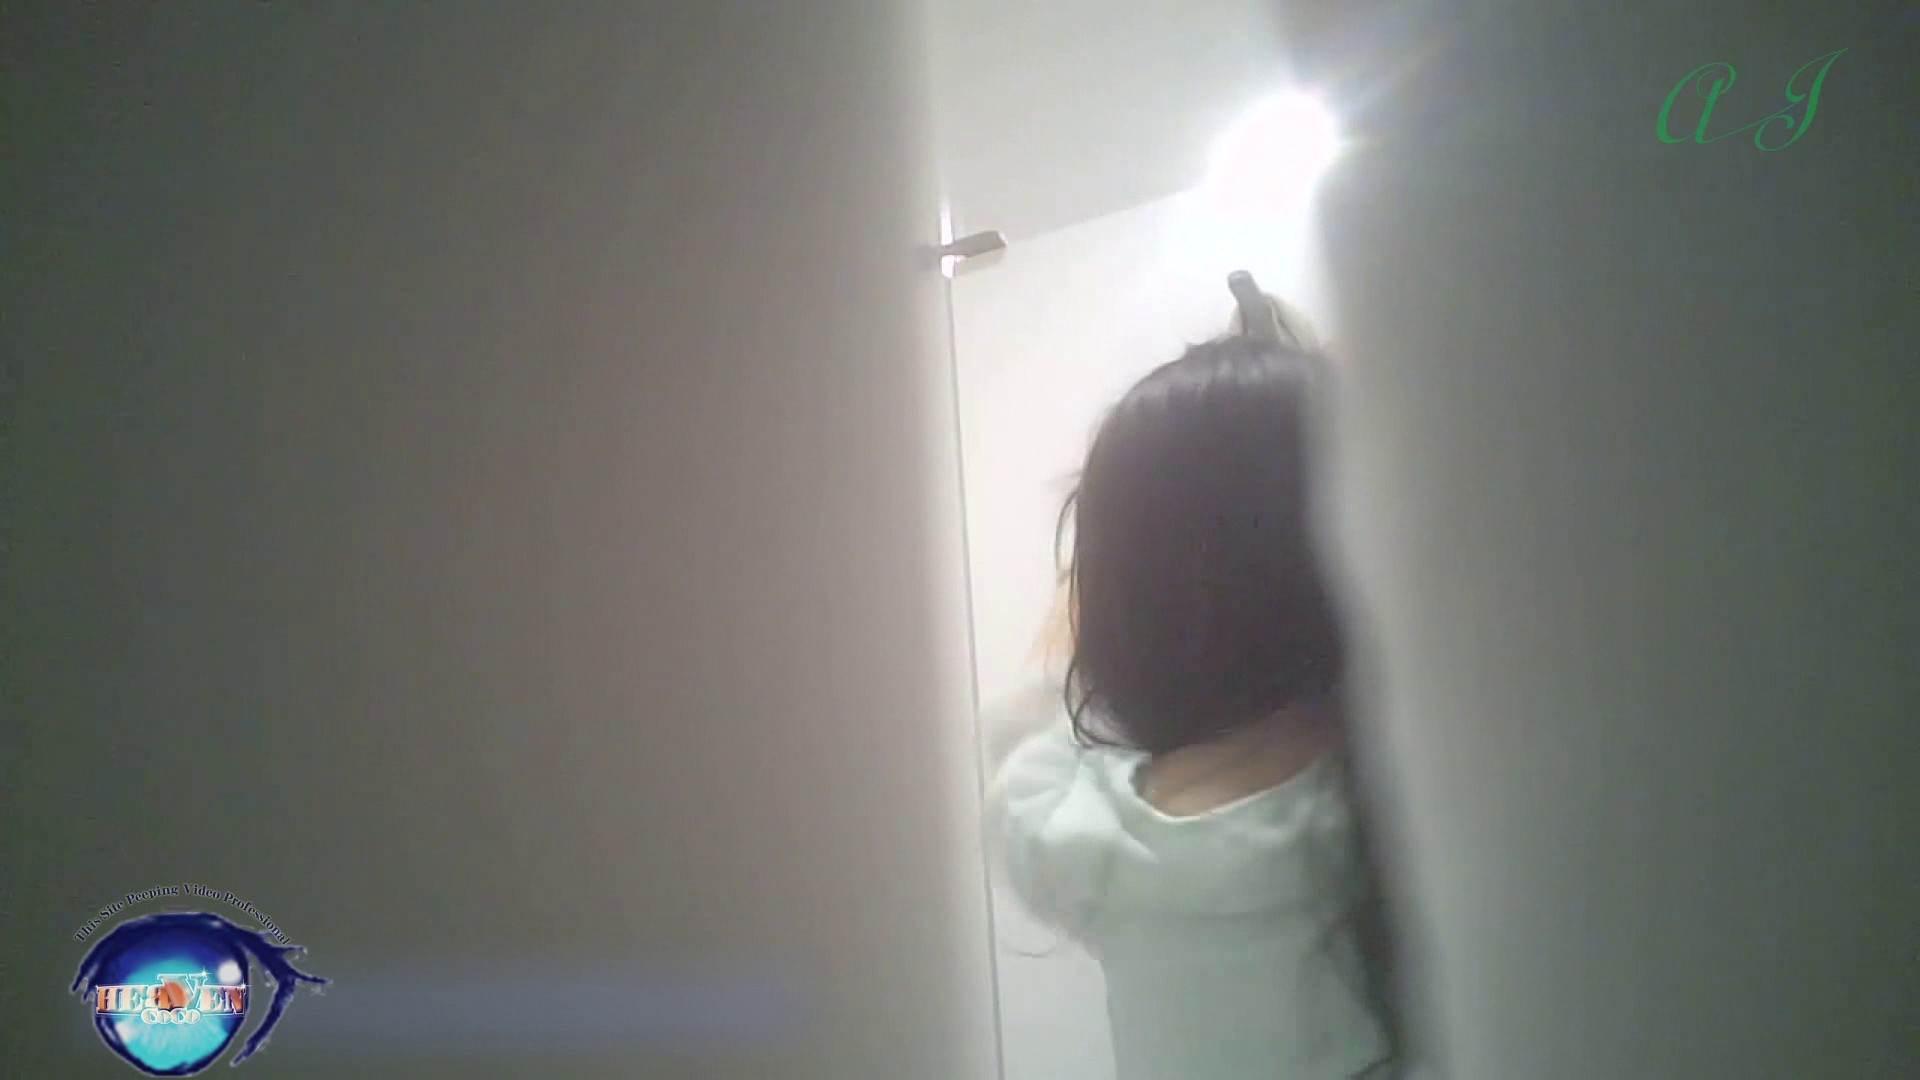 有名大学女性洗面所 vol.71 美女学生さんの潜入盗撮!前編 和式  91PICs 77